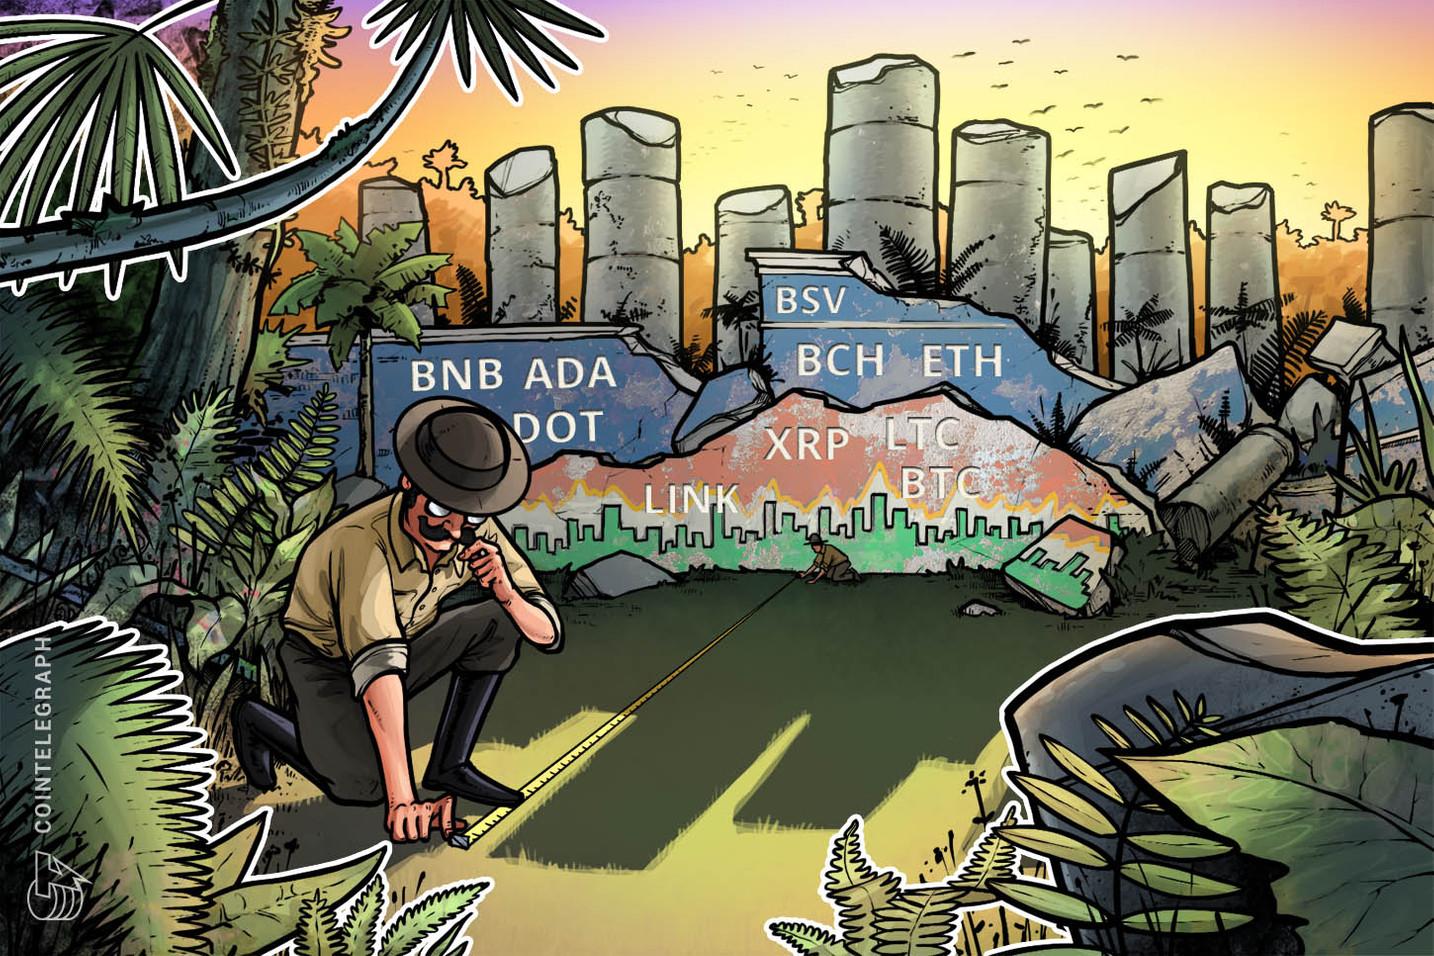 Análisis de precios del 19 de octubre: BTC, ETH, XRP, BCH, BNB, LINK, DOT, ADA, LTC, BSV